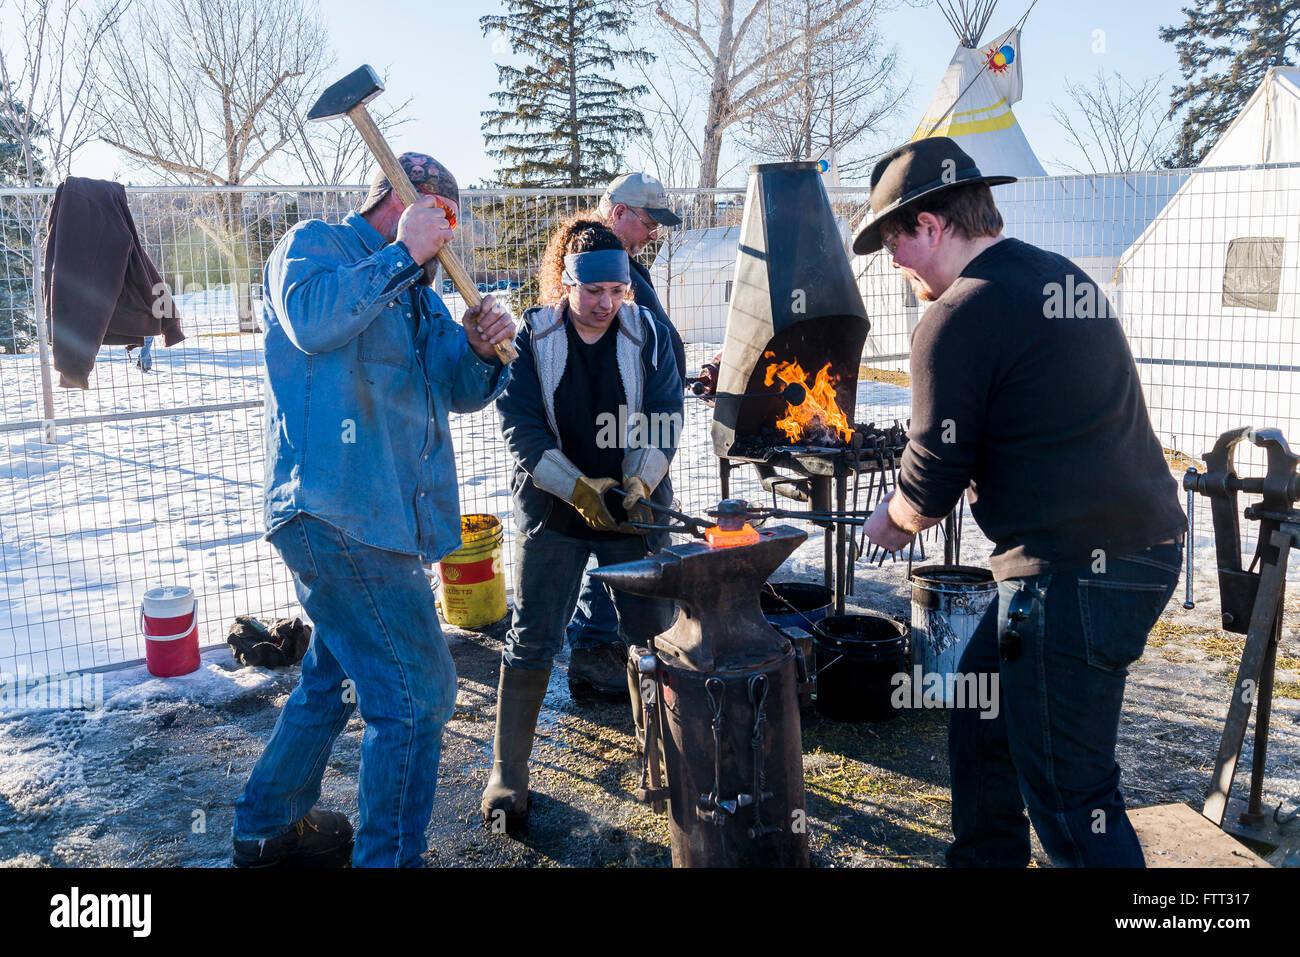 Blacksmith demonstration. Silver Skate Festival, Hawrelak Park, Edmonton, Alberta, Canada - Stock Image